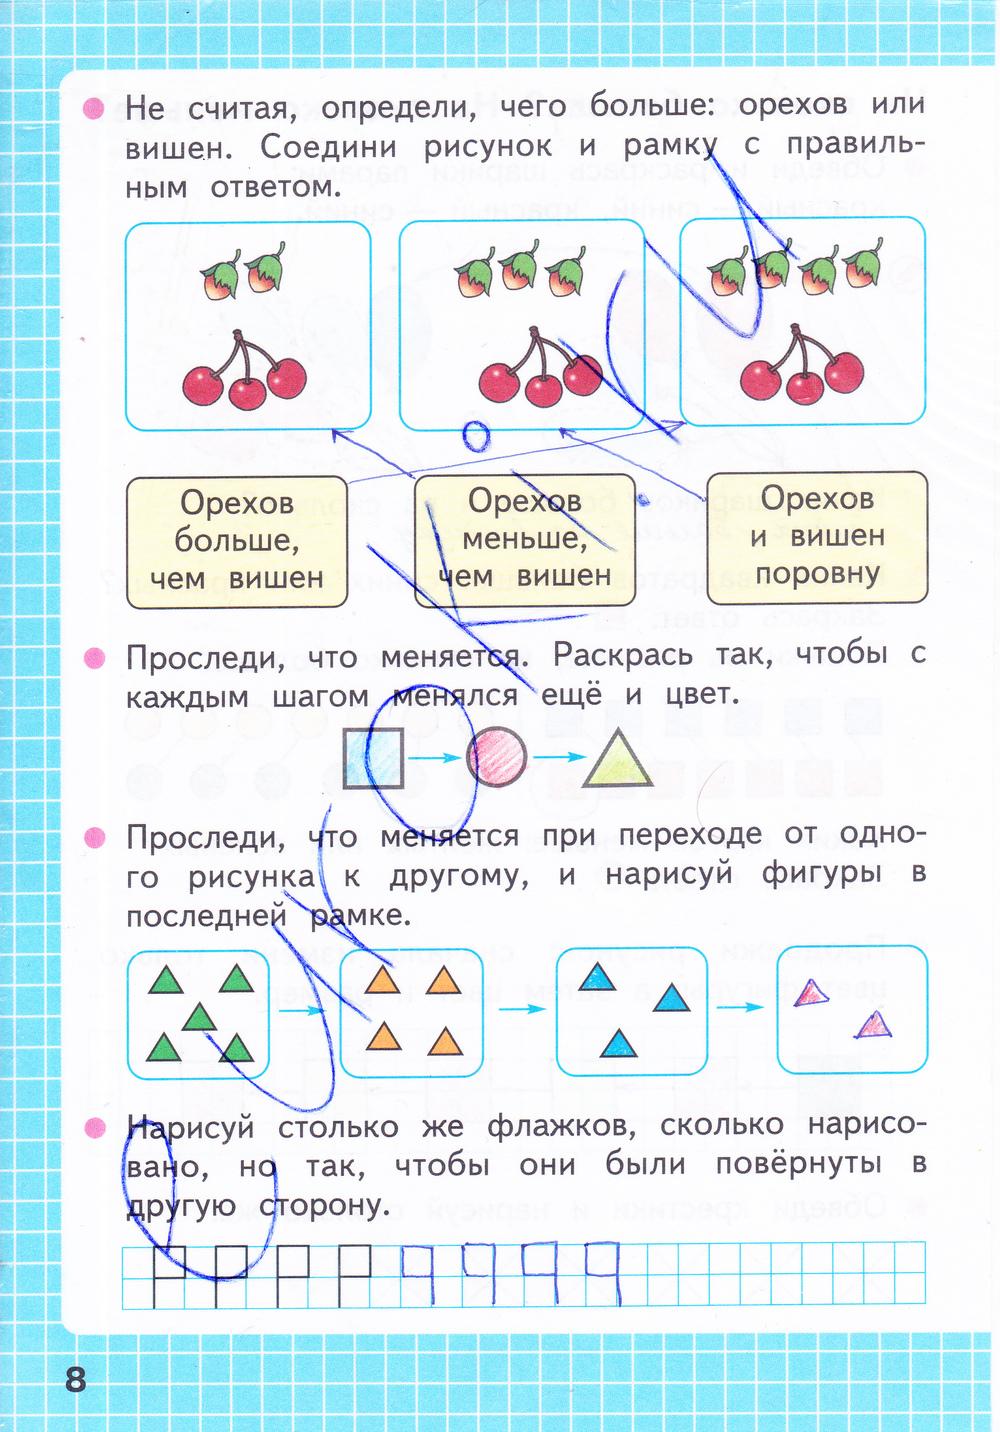 Гдз 2 класс математика 1 часть моро и волкова